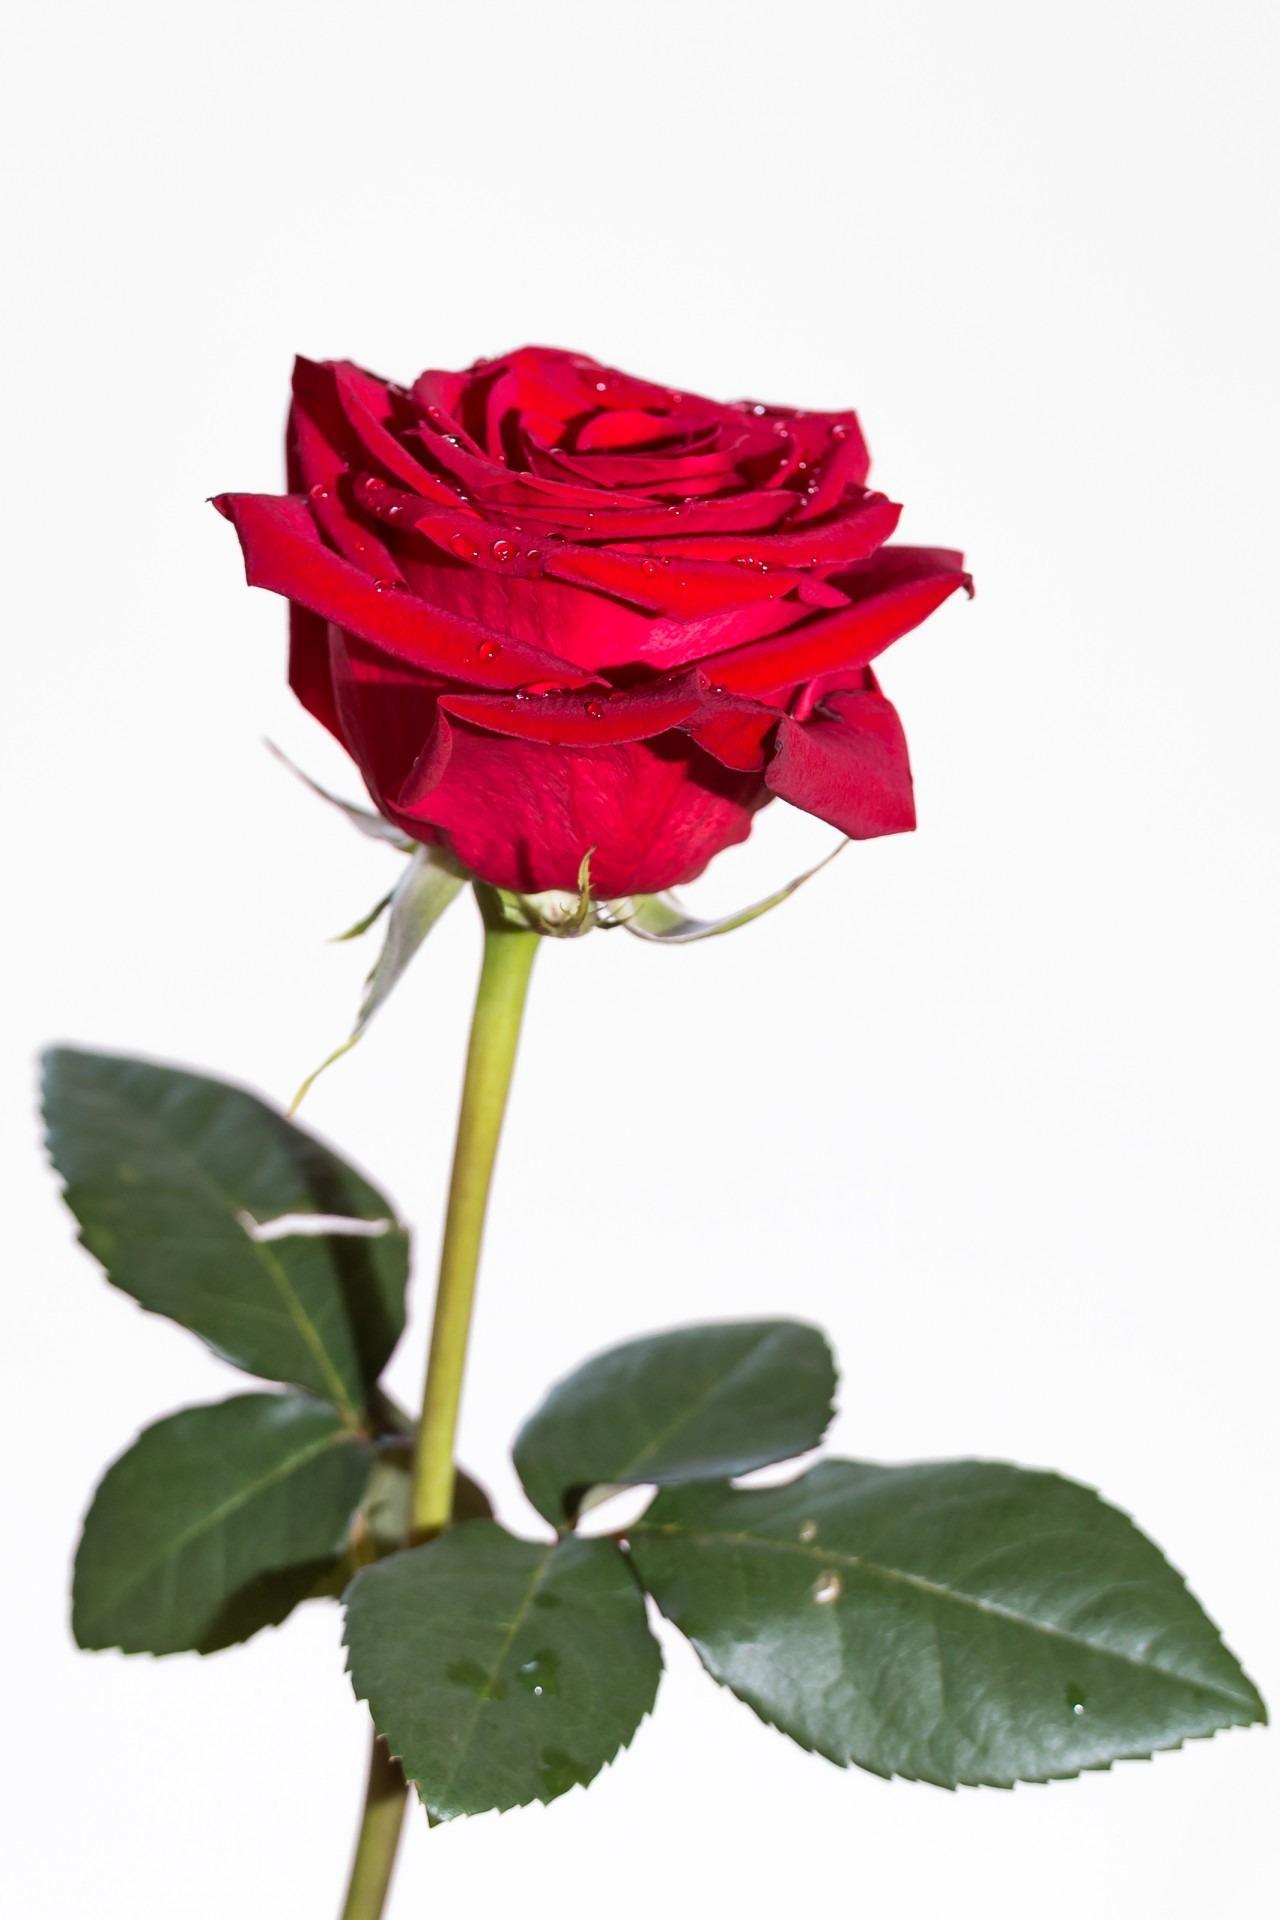 картинки одного цветка розы стремительный рост банковских